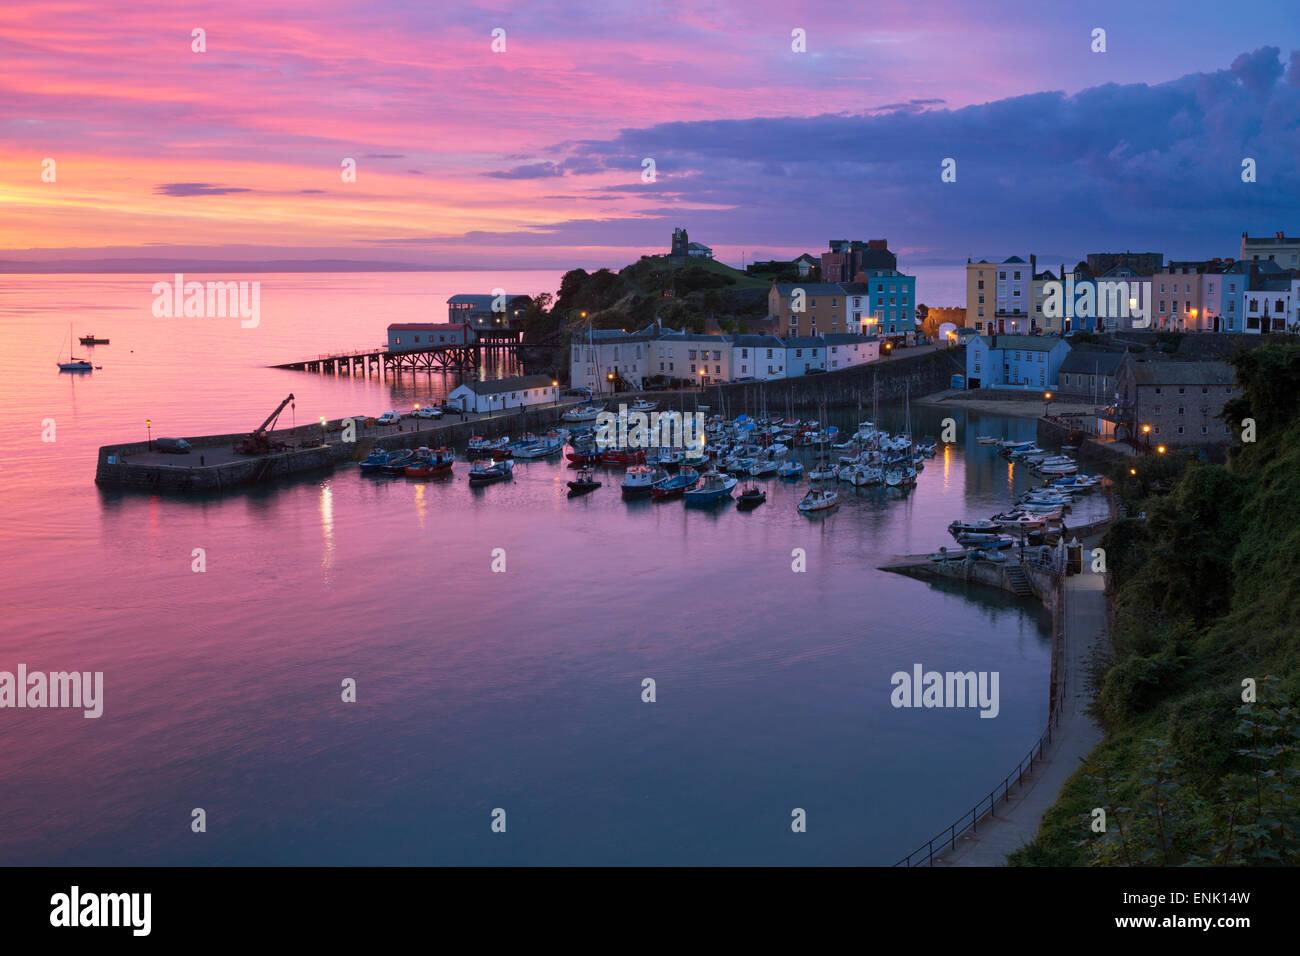 Vue sur port et château à l'aube, la baie de Carmarthen, Tenby, Pembrokeshire, Pays de Galles, Royaume Photo Stock